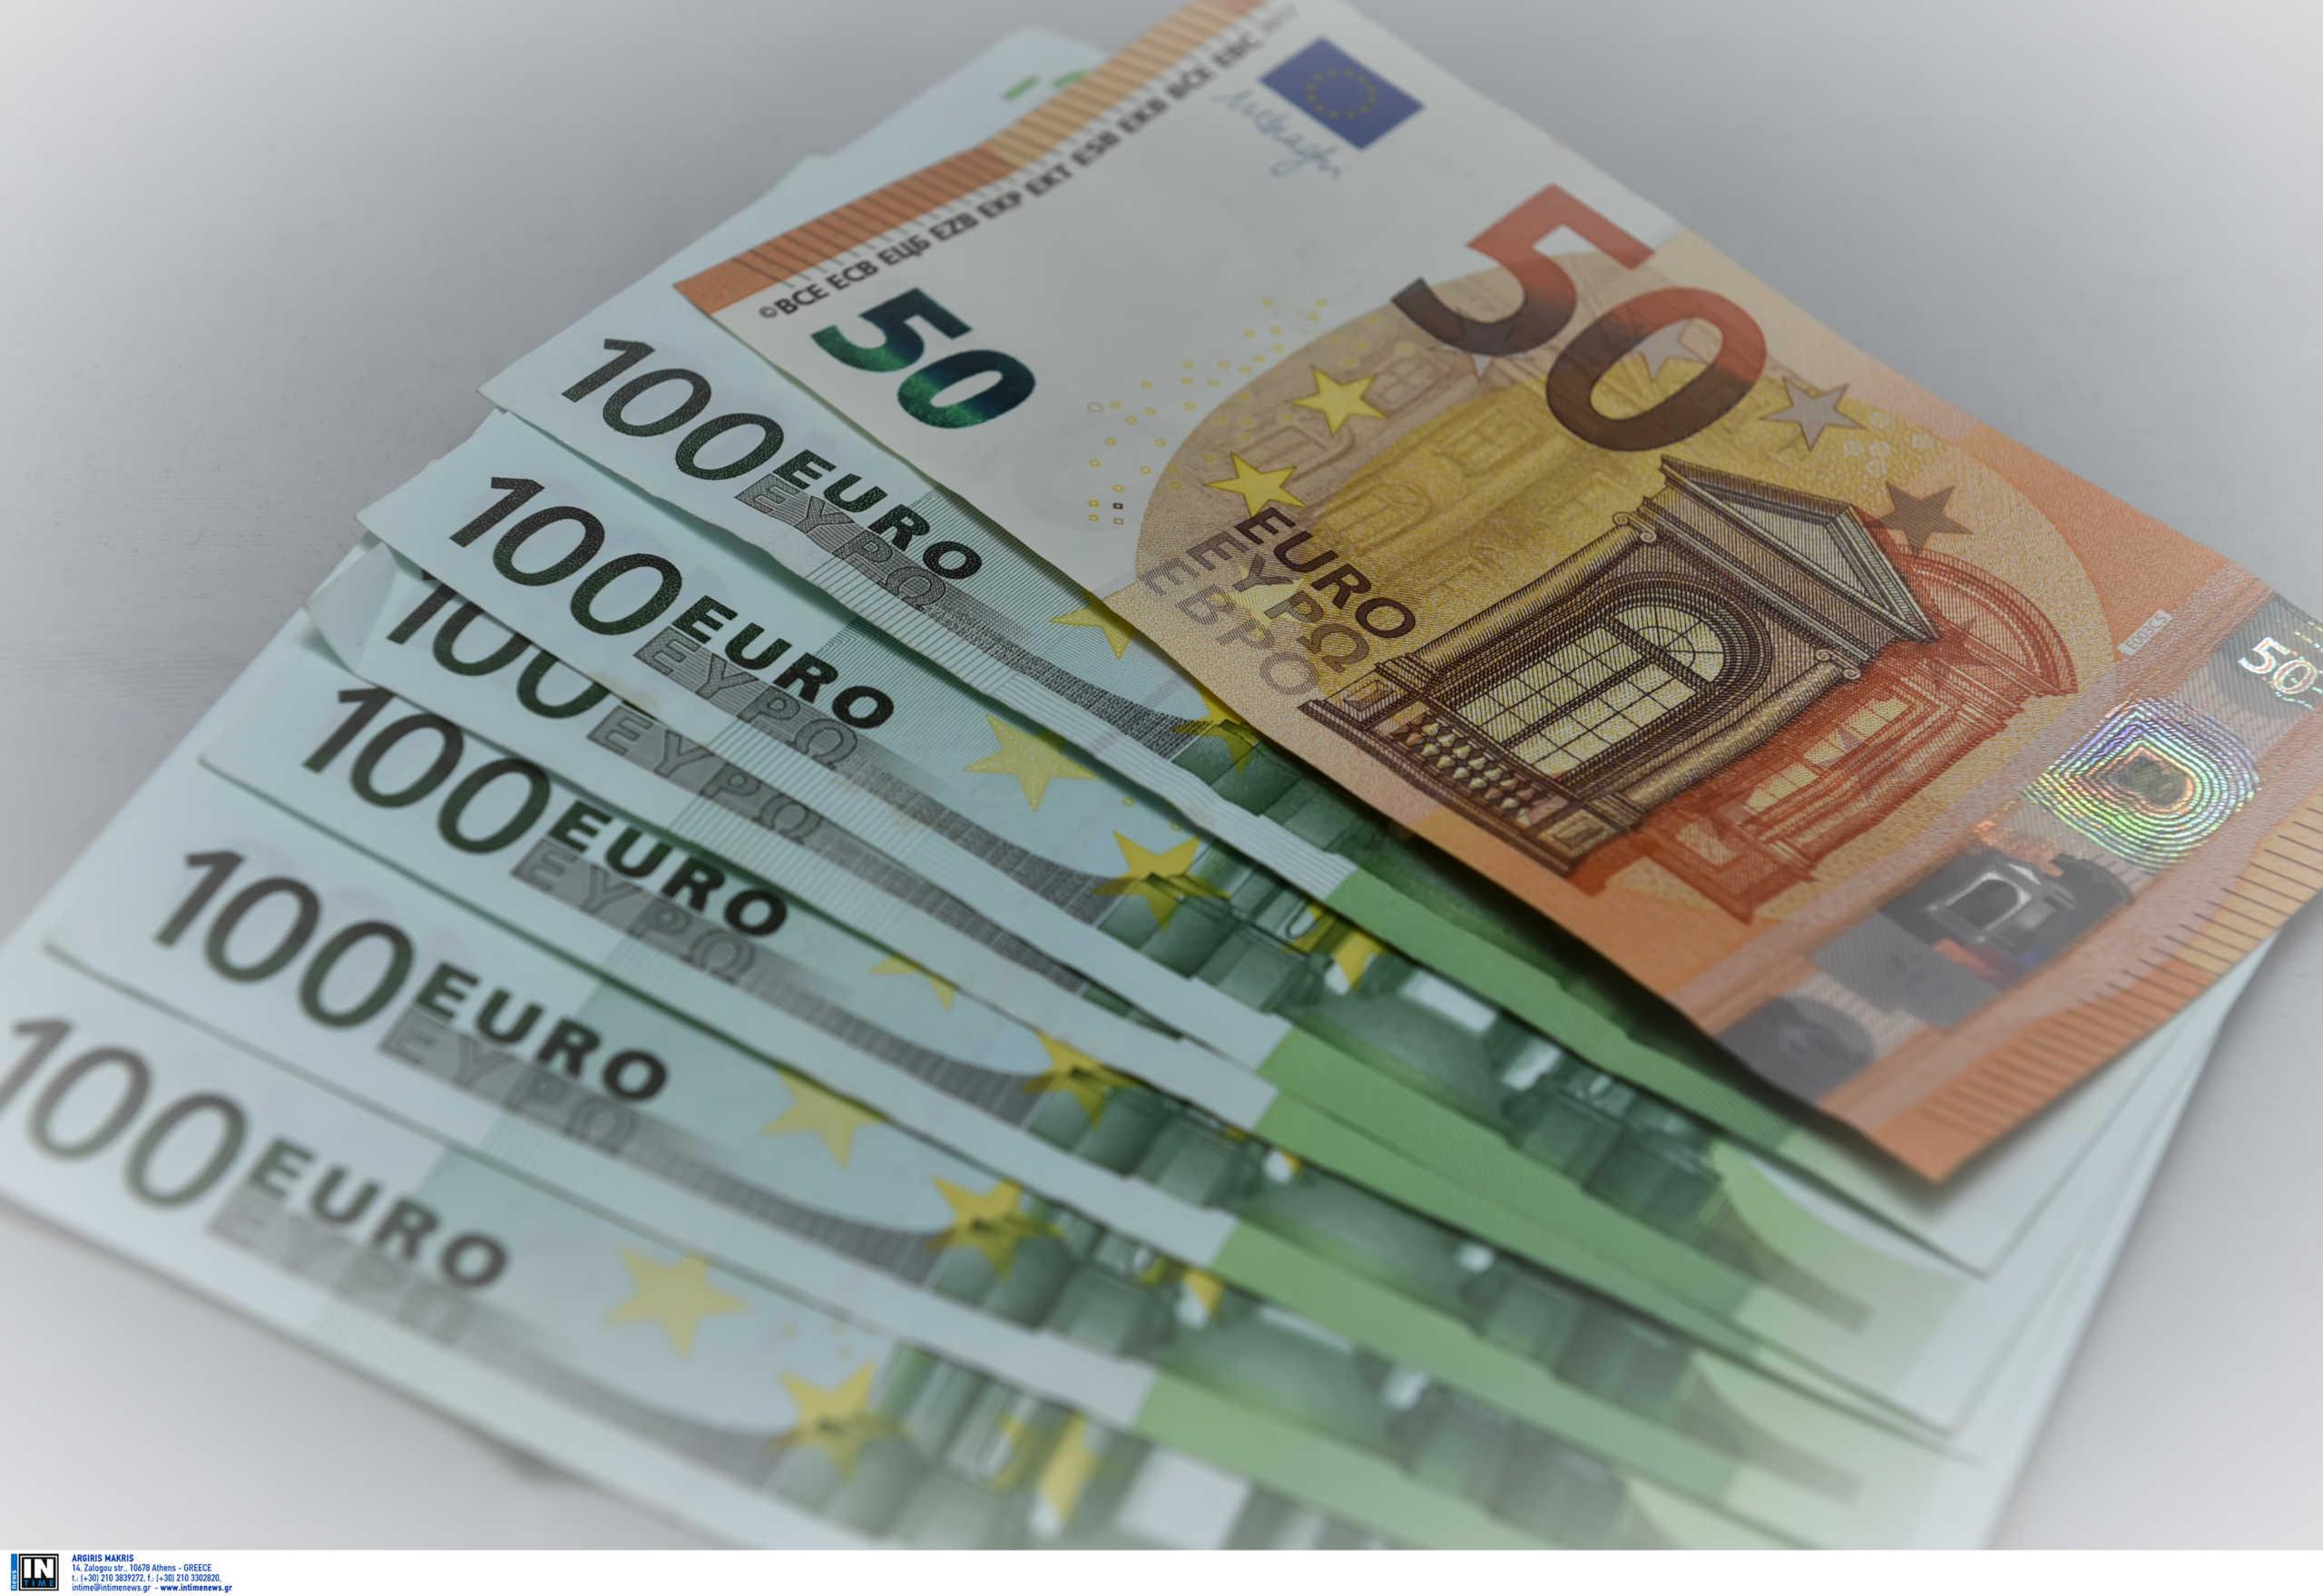 Πρέβεζα: Χάκαραν λογαριασμό και πήραν 960 ευρώ! Η κλοπή δεν ολοκληρώθηκε την τελευταία στιγμή